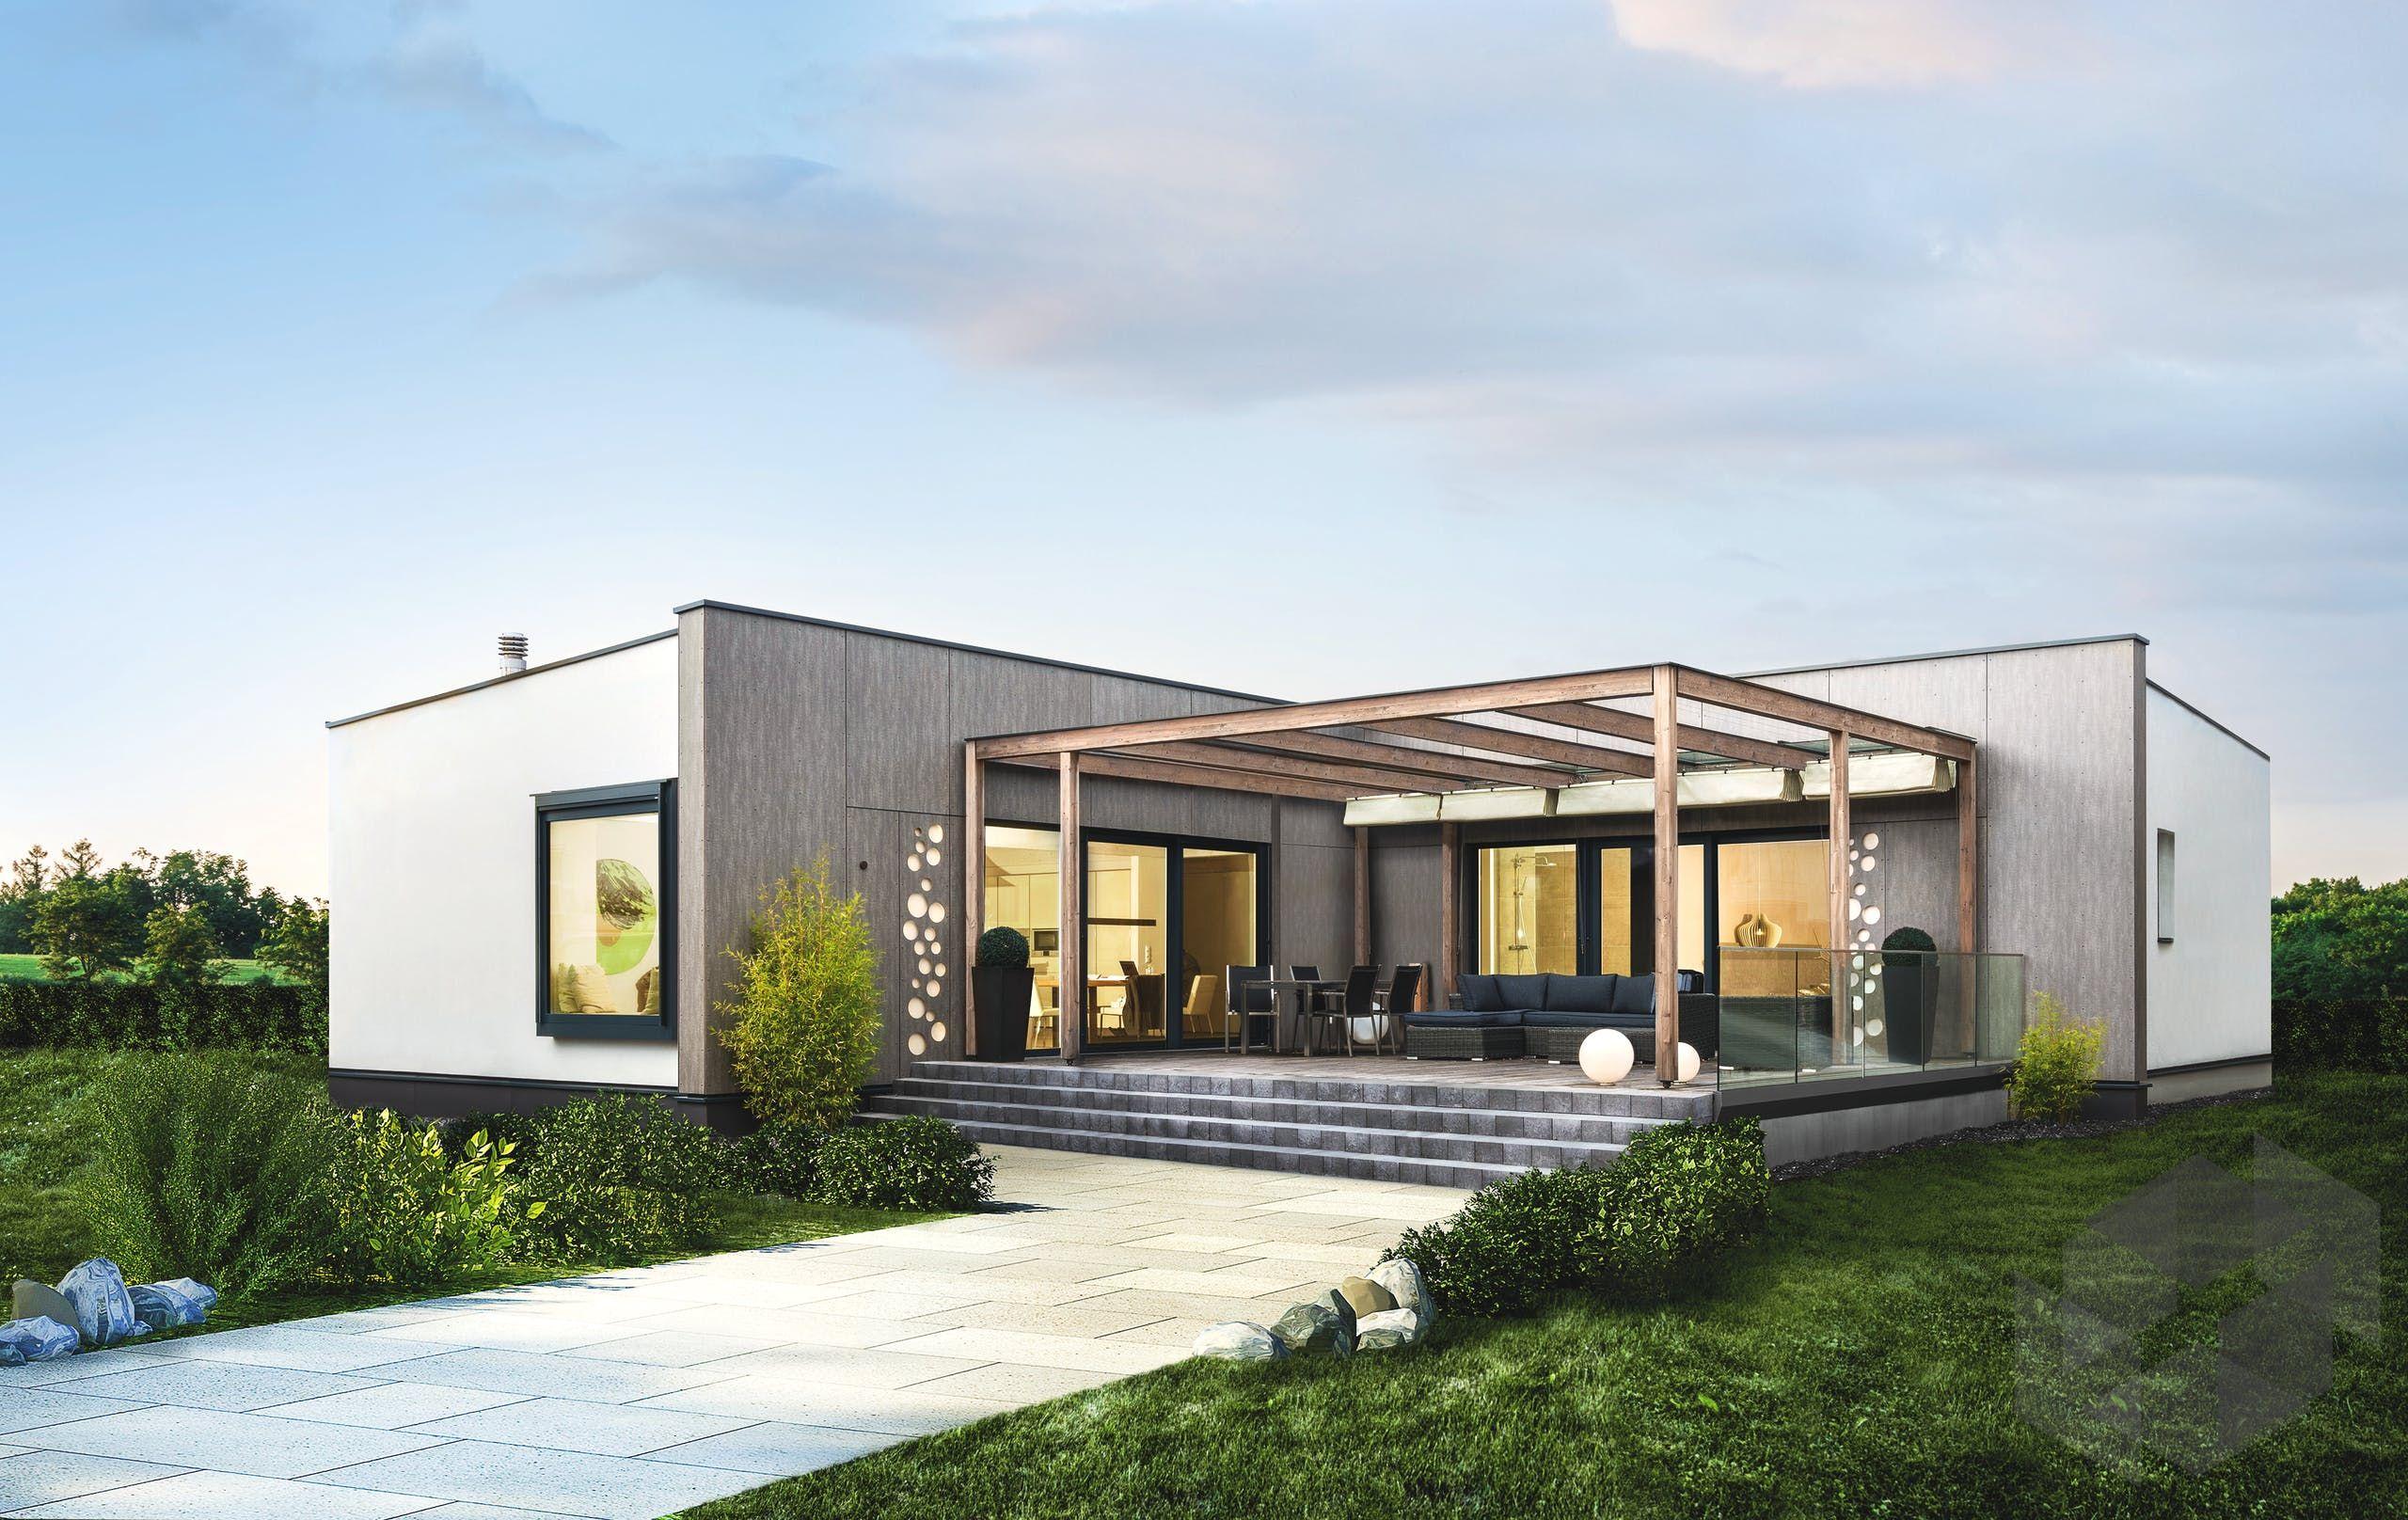 Schön Haus Bauhausstil Galerie Von Bungalow In Von ➤ Erhalte S Zum